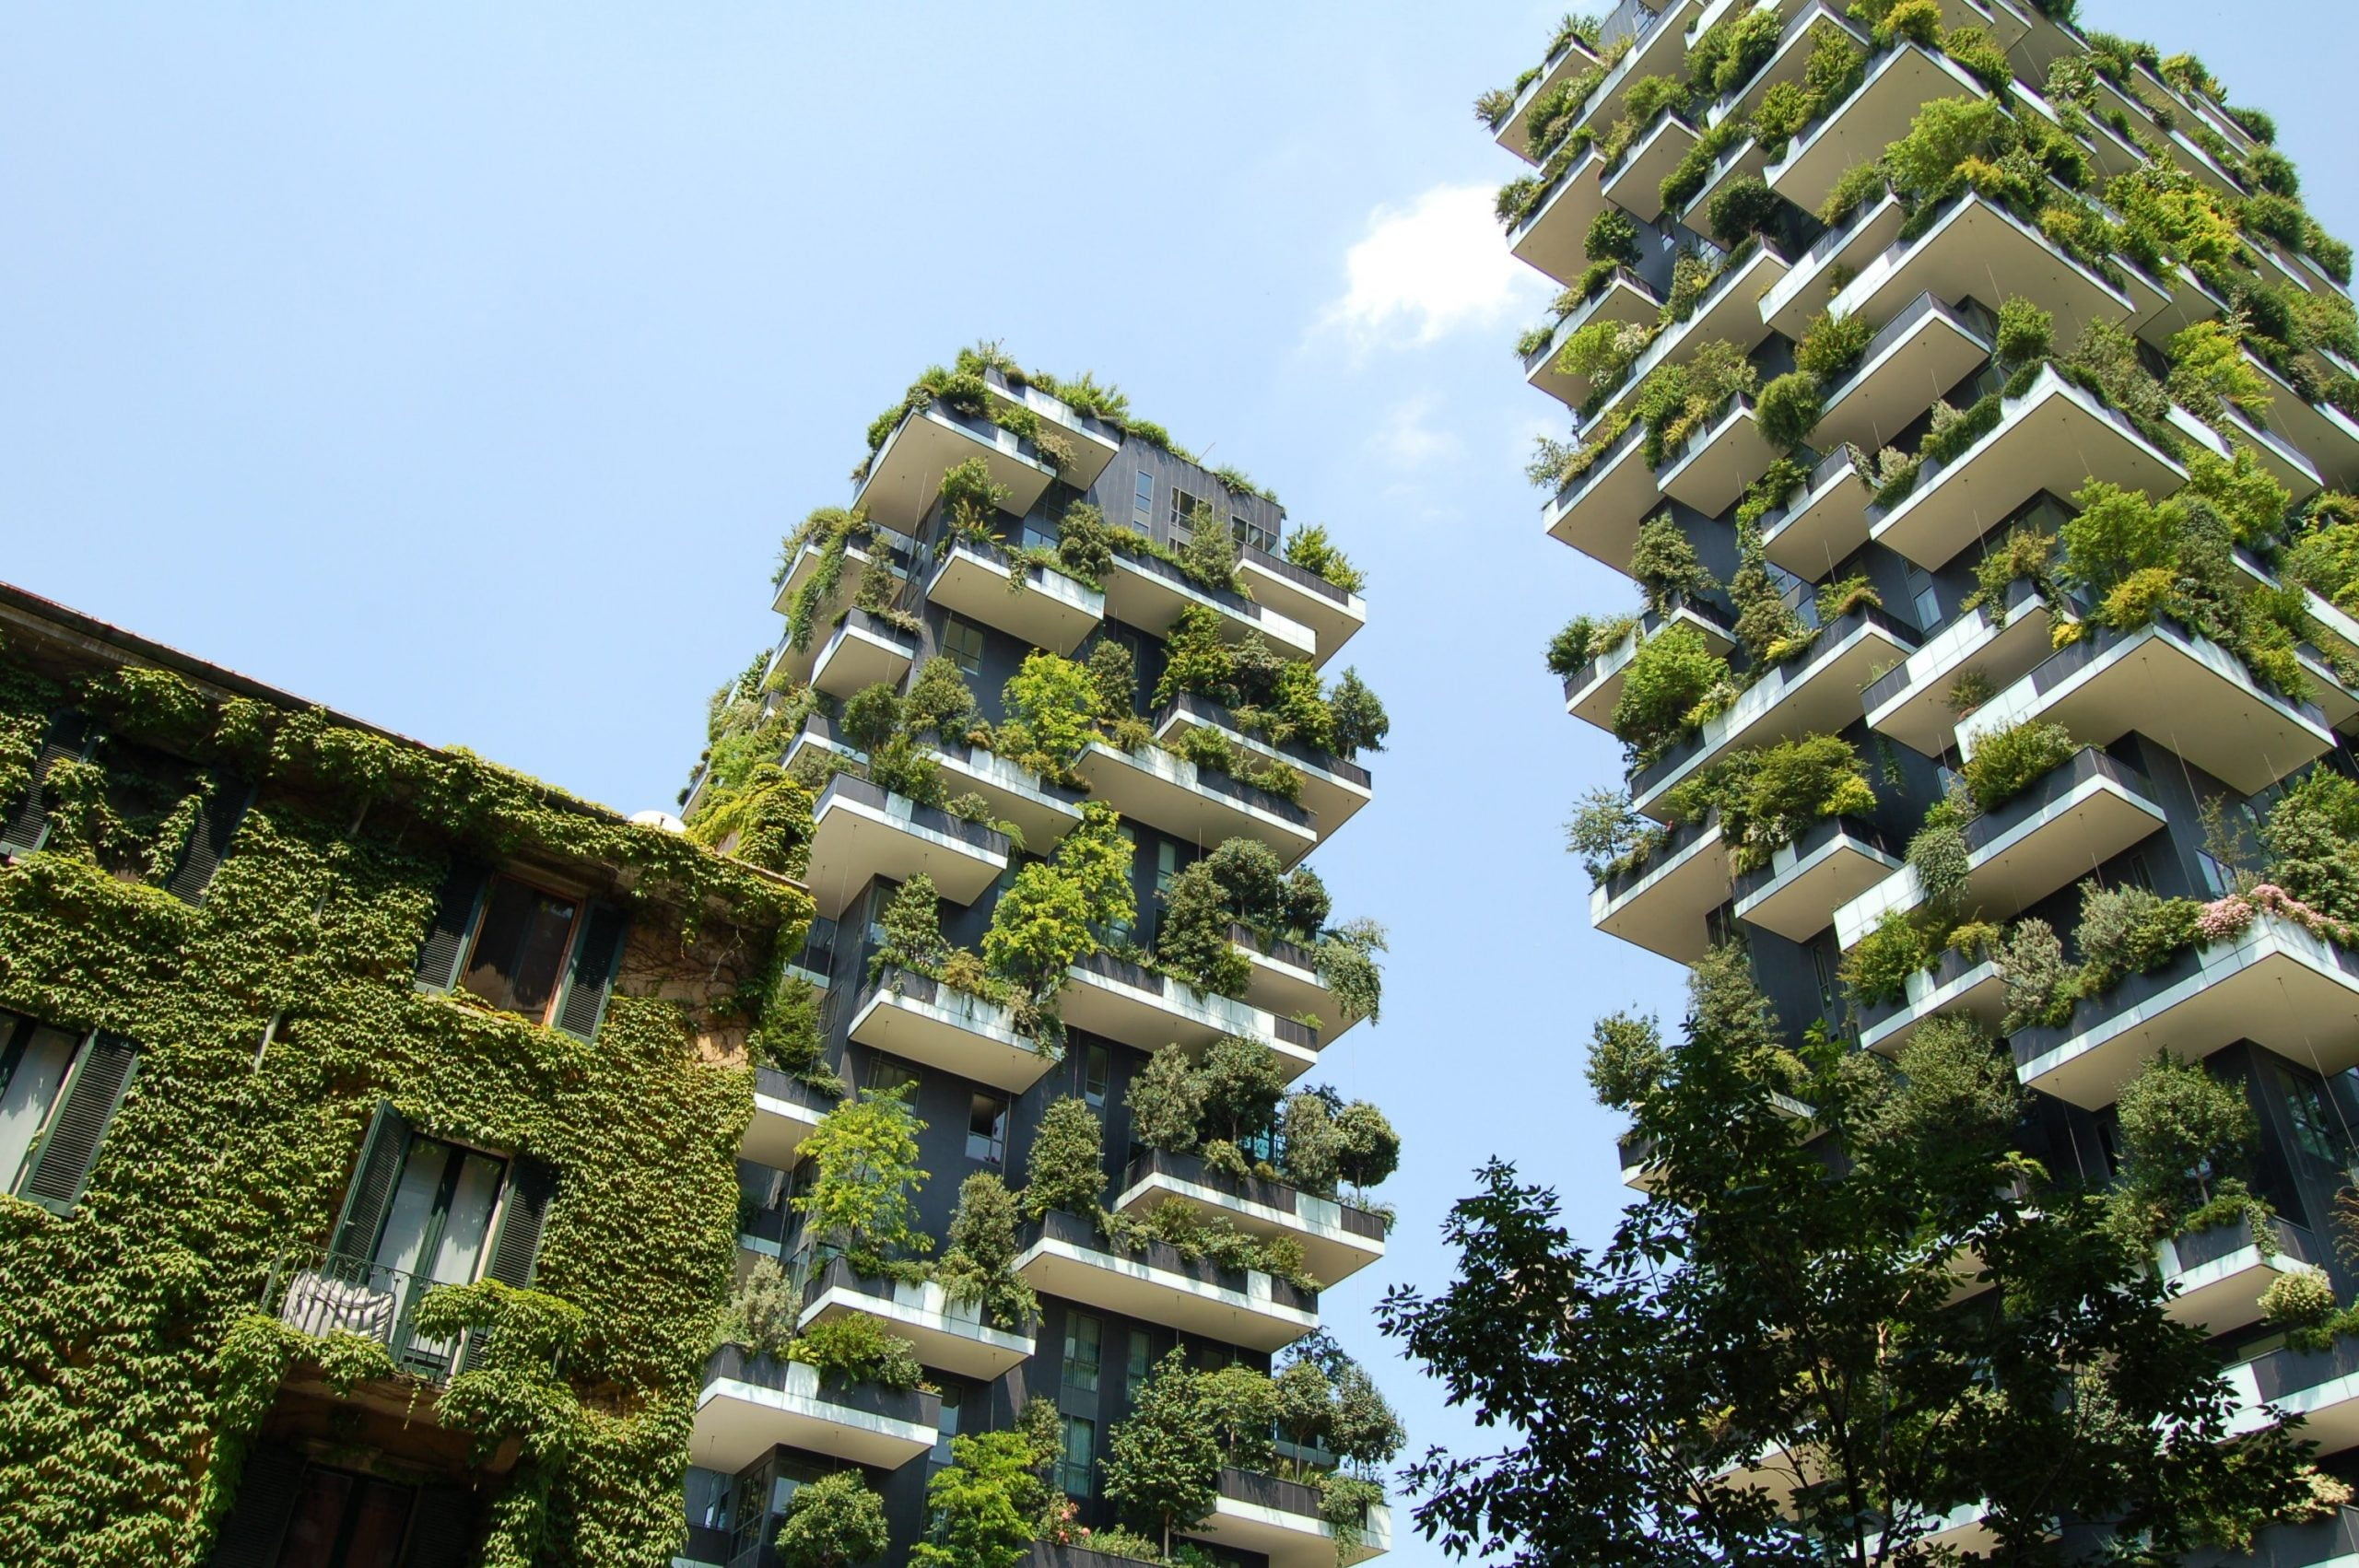 Green balconies